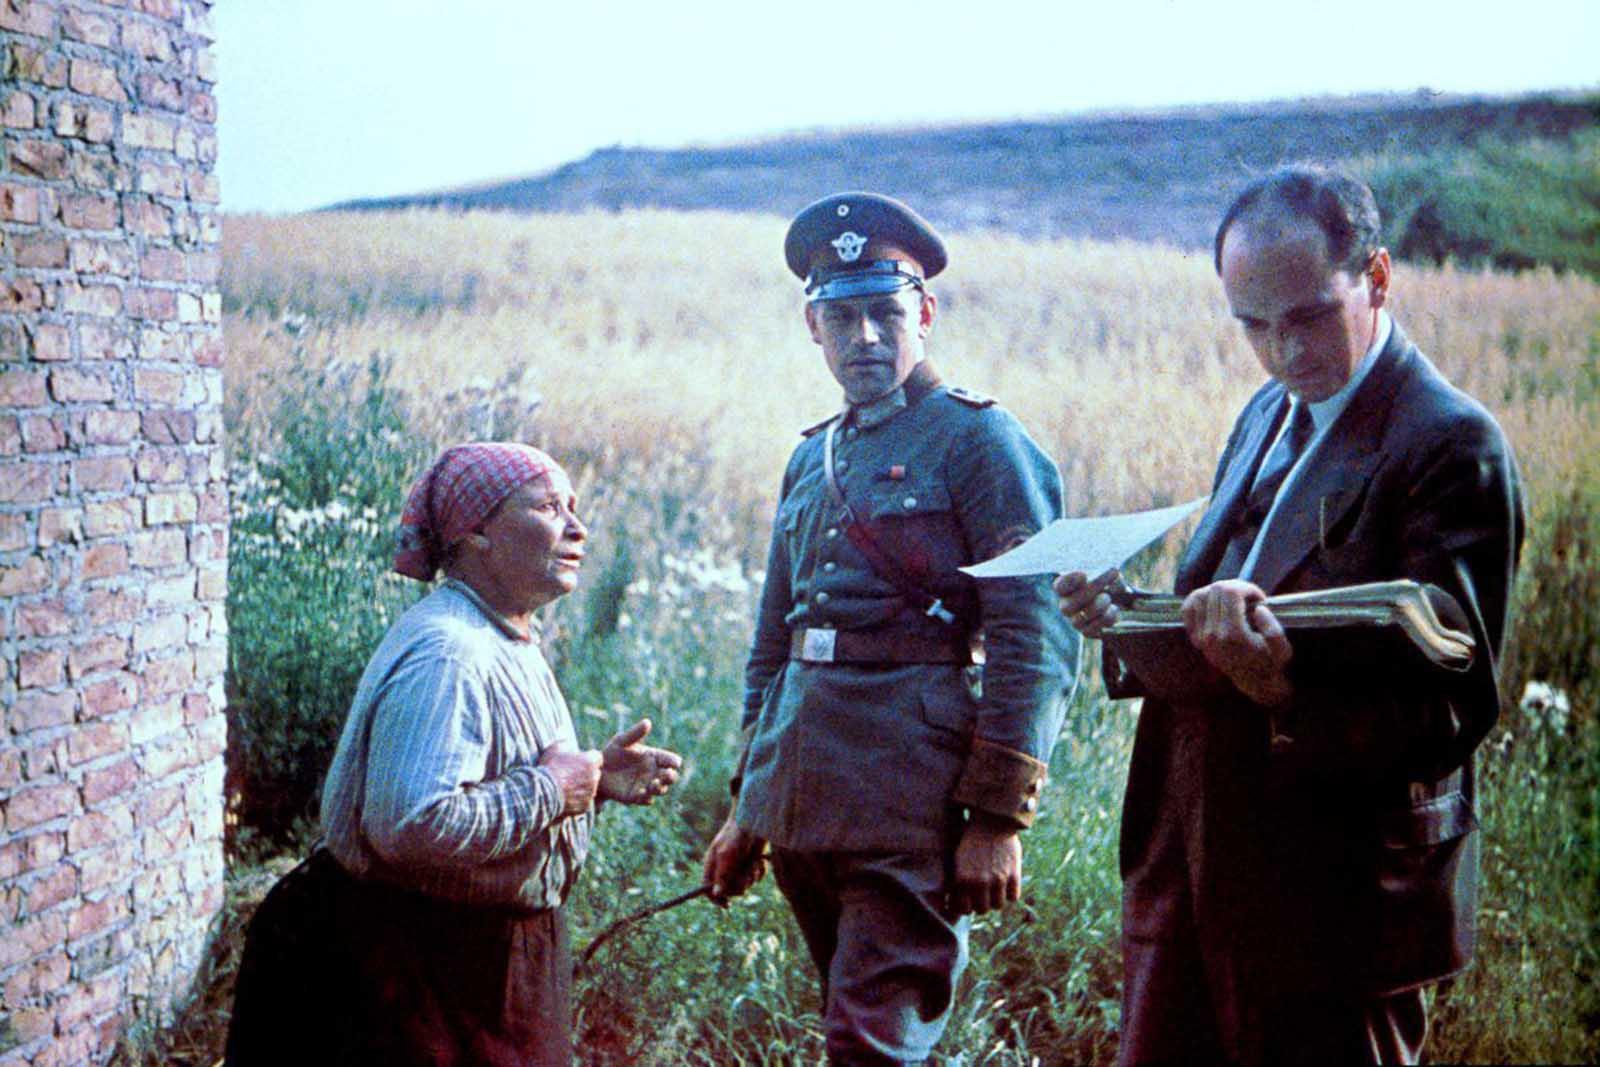 El Dr. Robert Ritter realiza una entrevista con una mujer gitana. 1938.